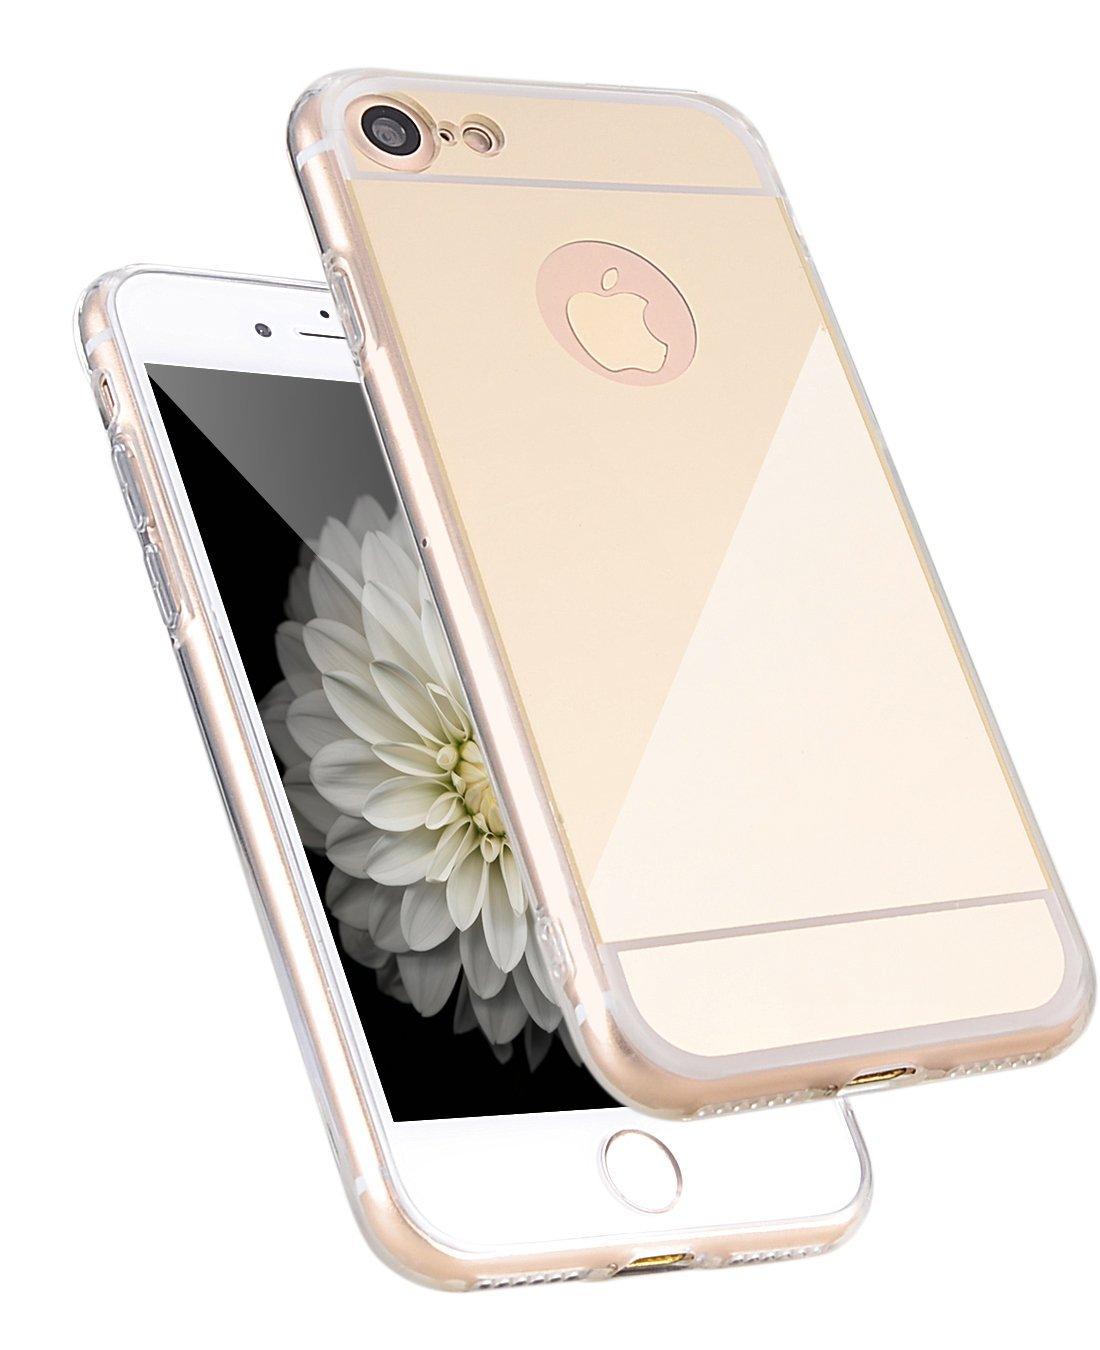 Zrcadlový kryt My Mirror pro iPhone 7 - Zlatý (gold)